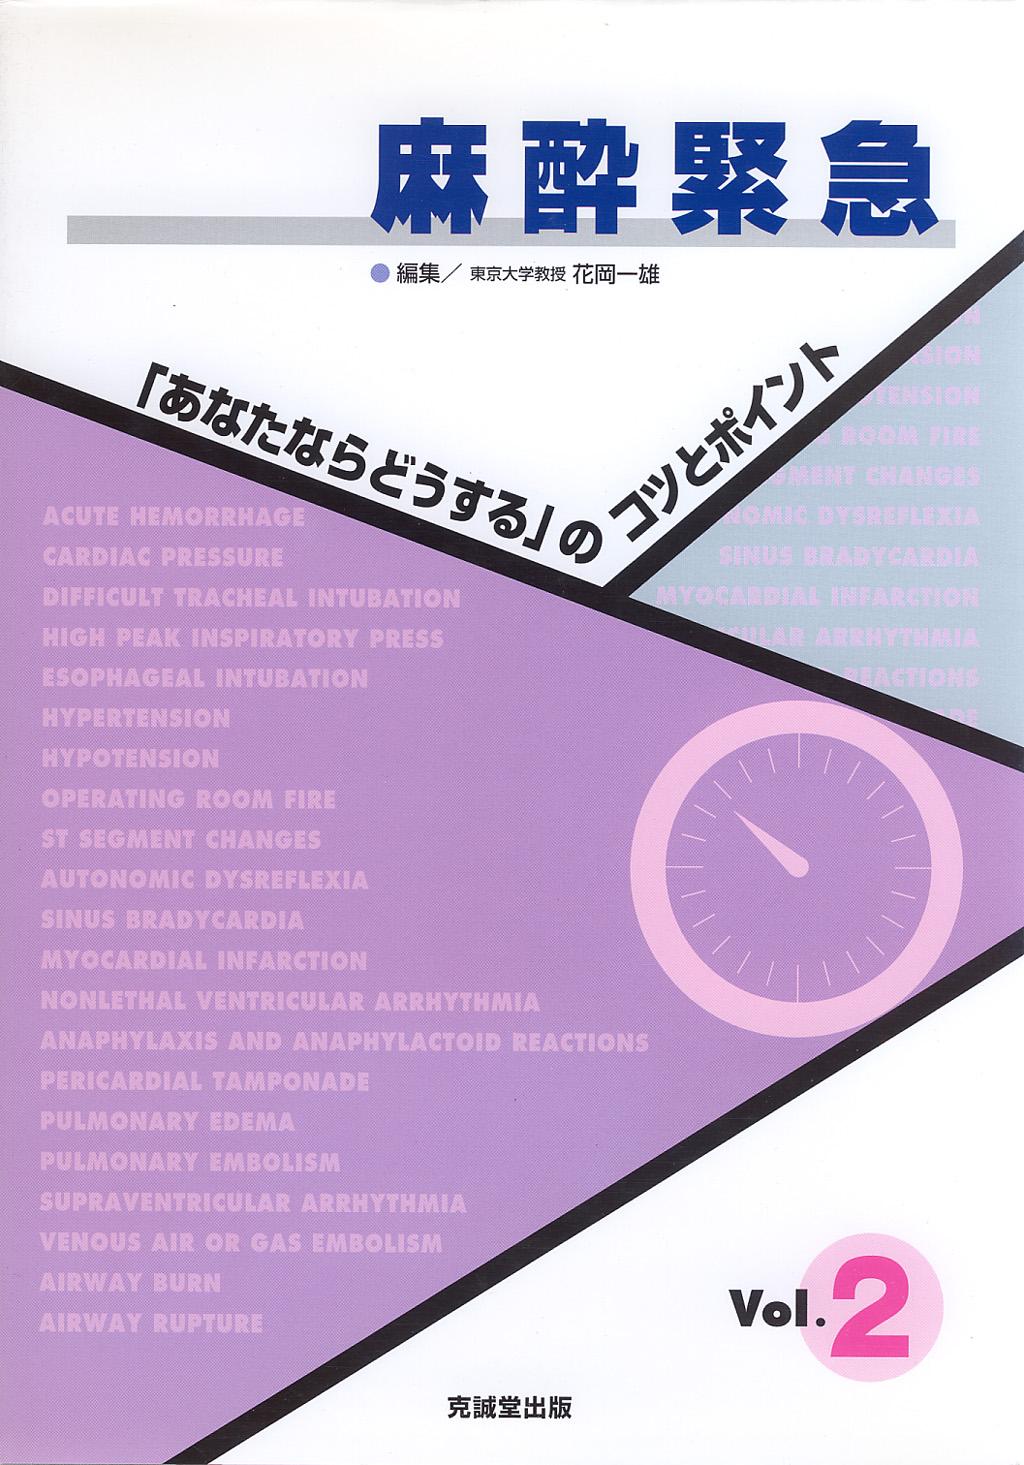 麻酔緊急 Vol.2